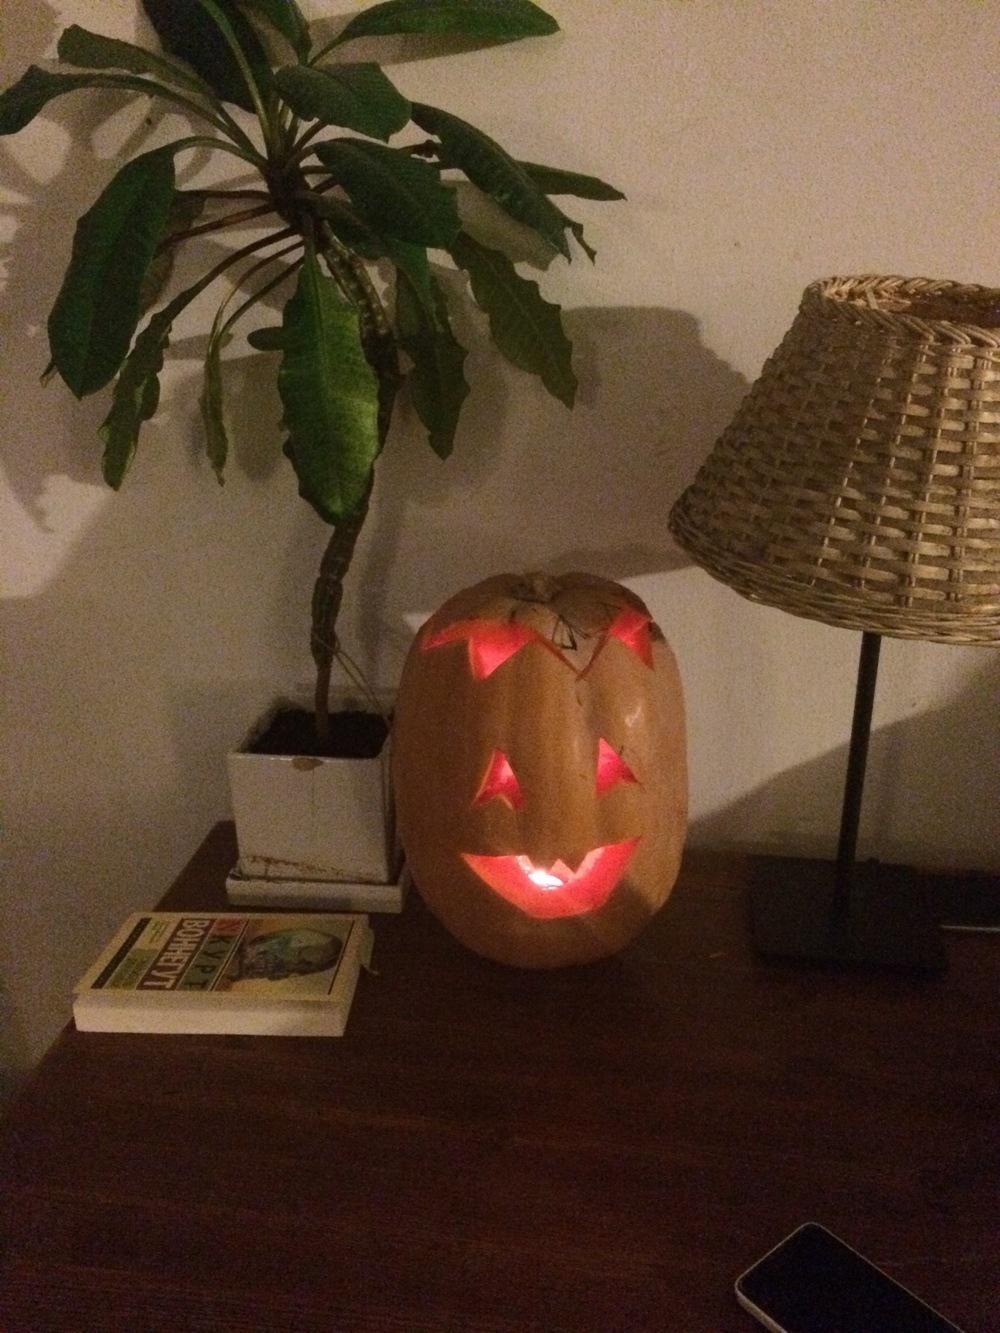 My pumpkin, lit up!